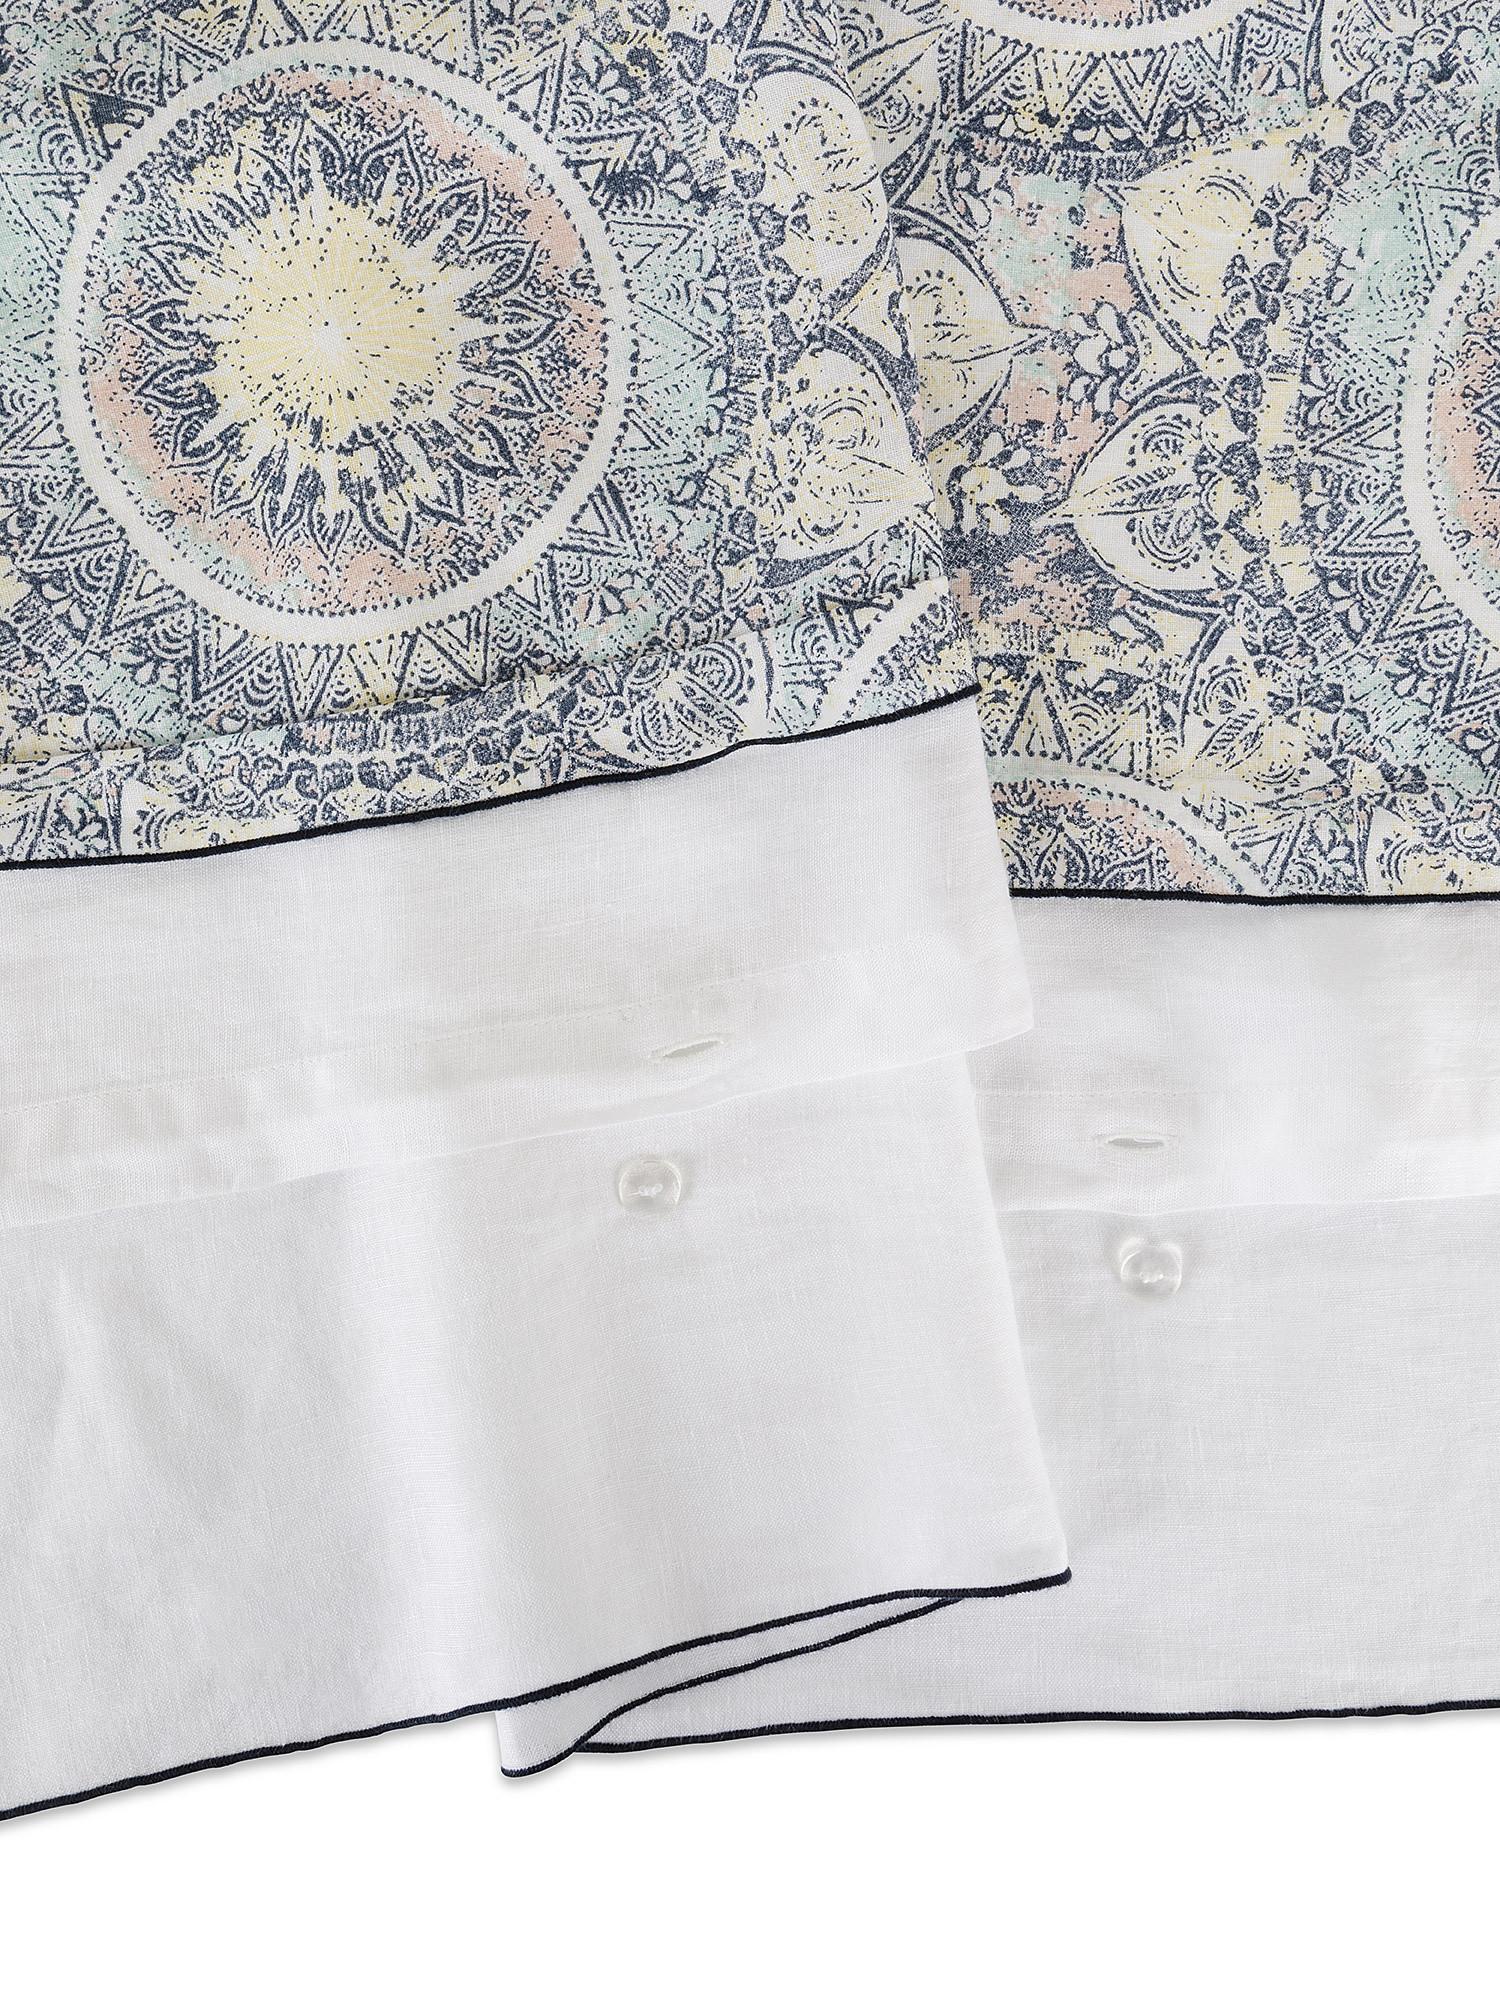 Copripiumino puro lino lavato fantasia tarocchi, Bianco, large image number 2